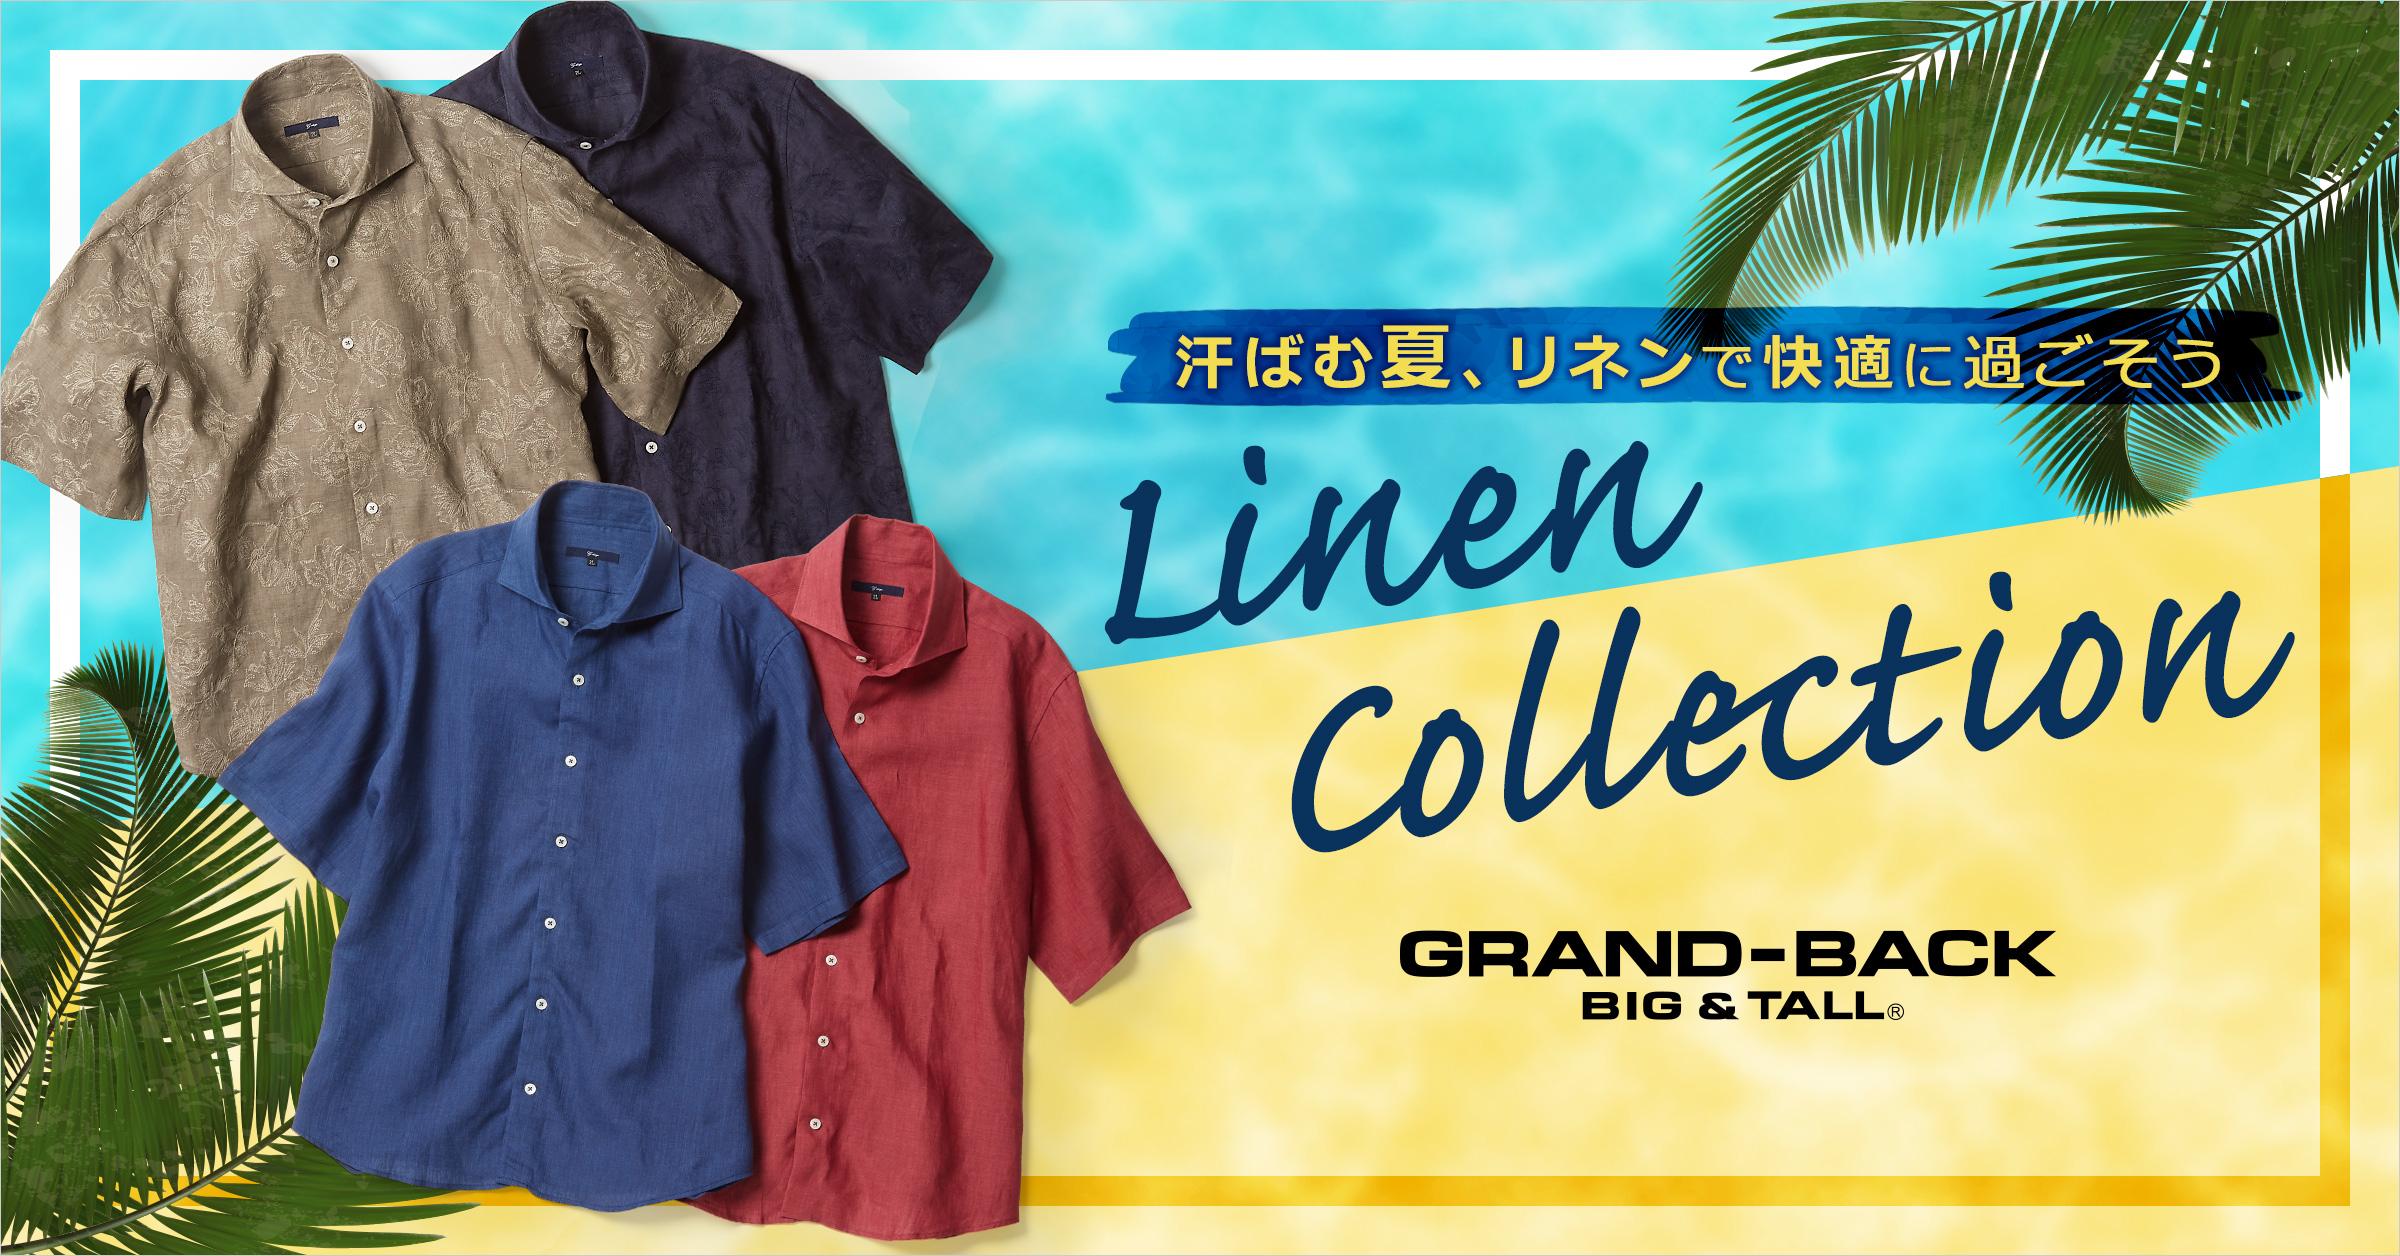 汗ばむ夏、リネンで快適に過ごそう Linen Collection